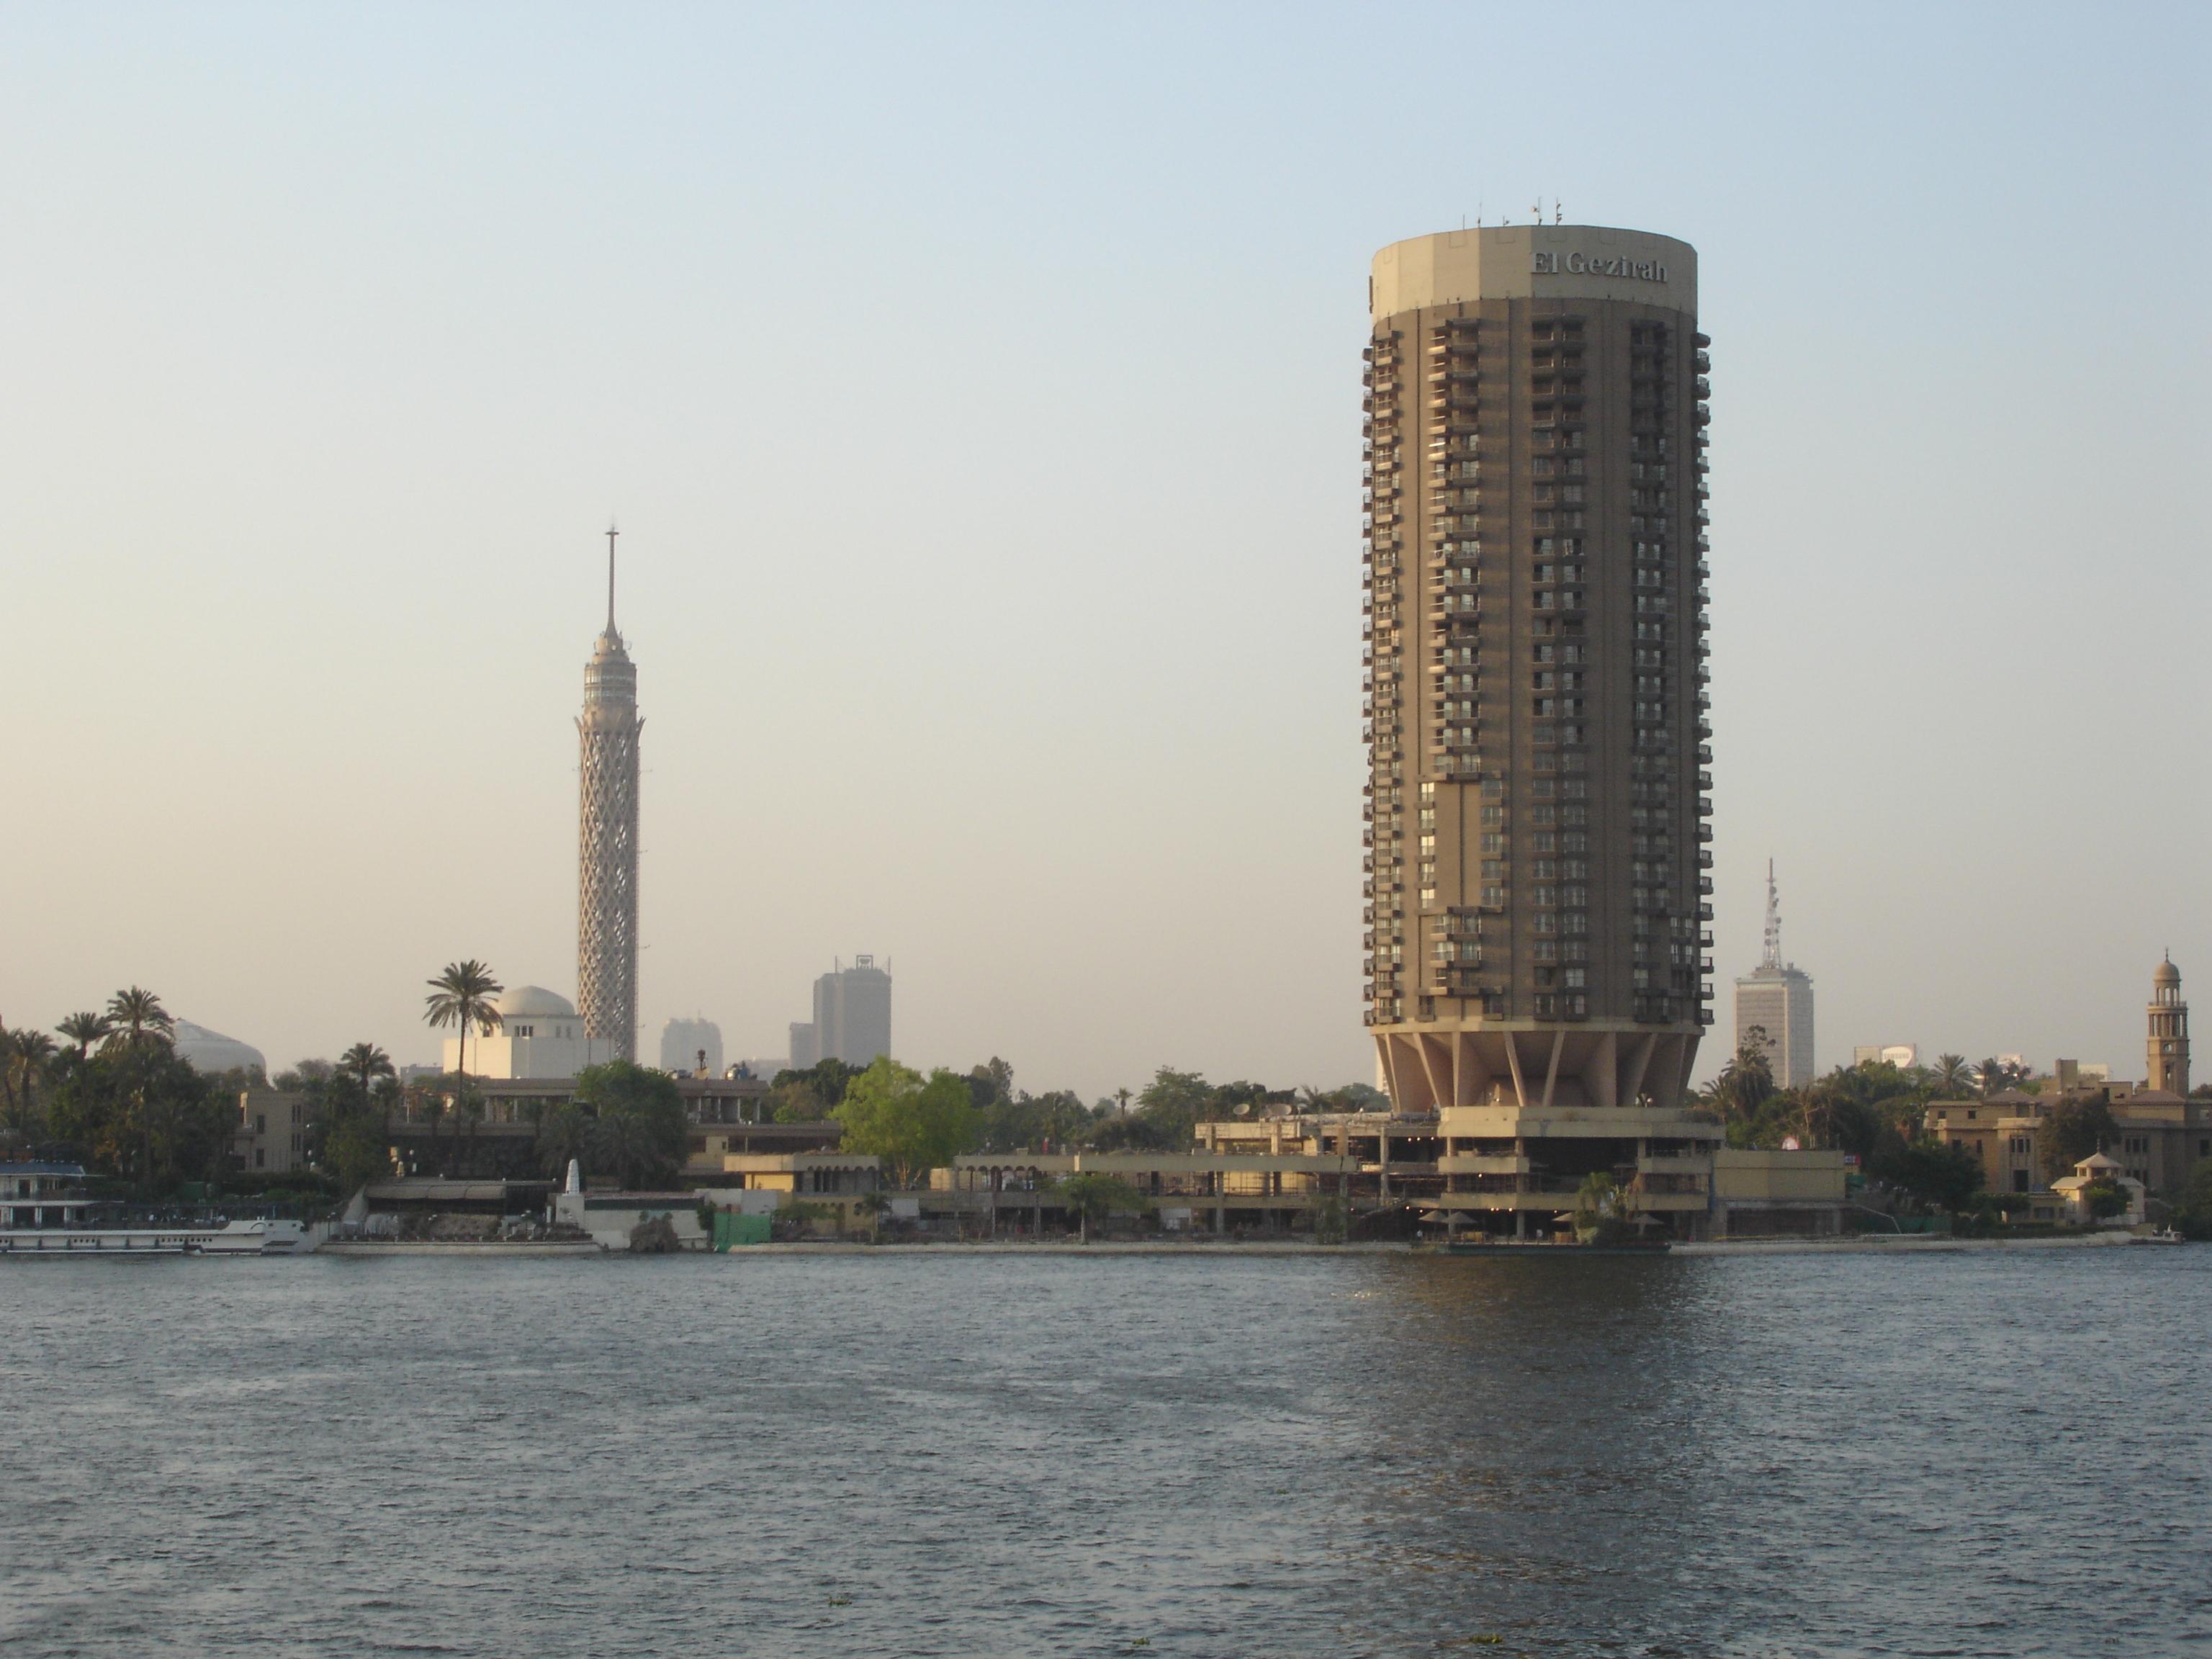 فندق سوفيتيل الجزيرة في الأمام وبرج القاهرة في الخلف.